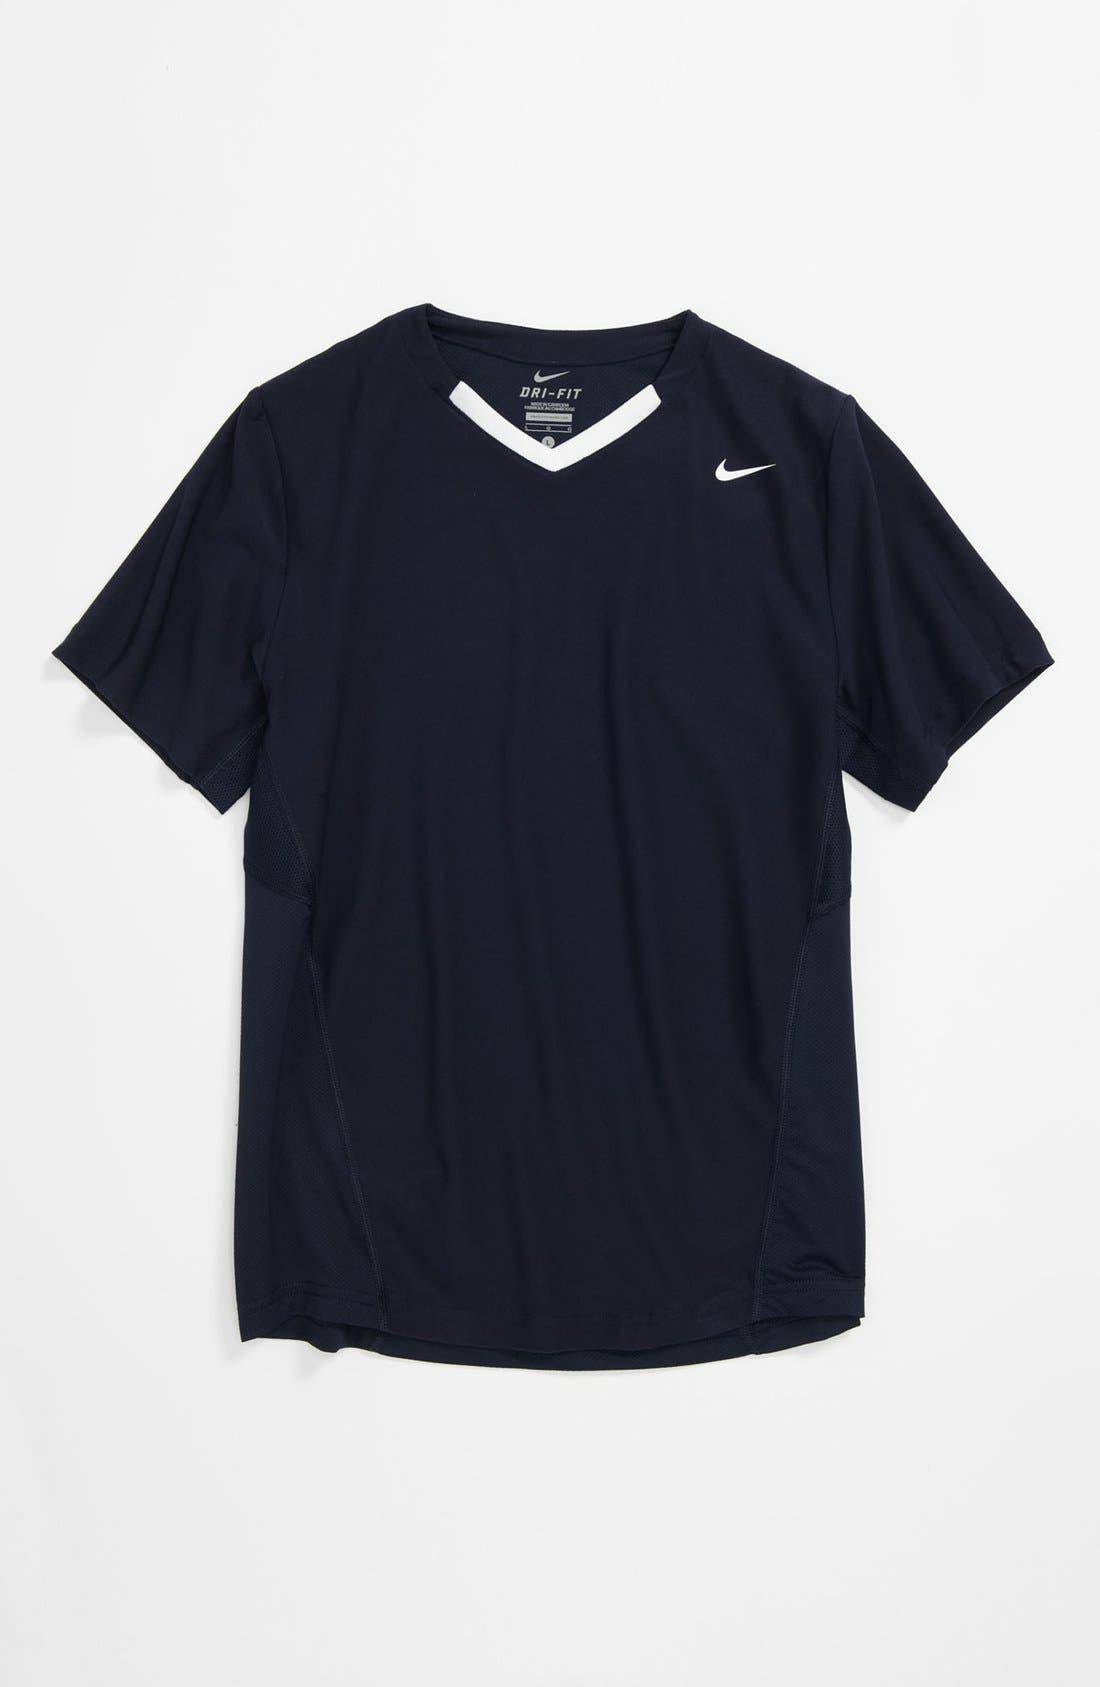 Alternate Image 1 Selected - Nike 'Premier - Rafa Nadal' Dri-FIT T-Shirt (Big Boys)